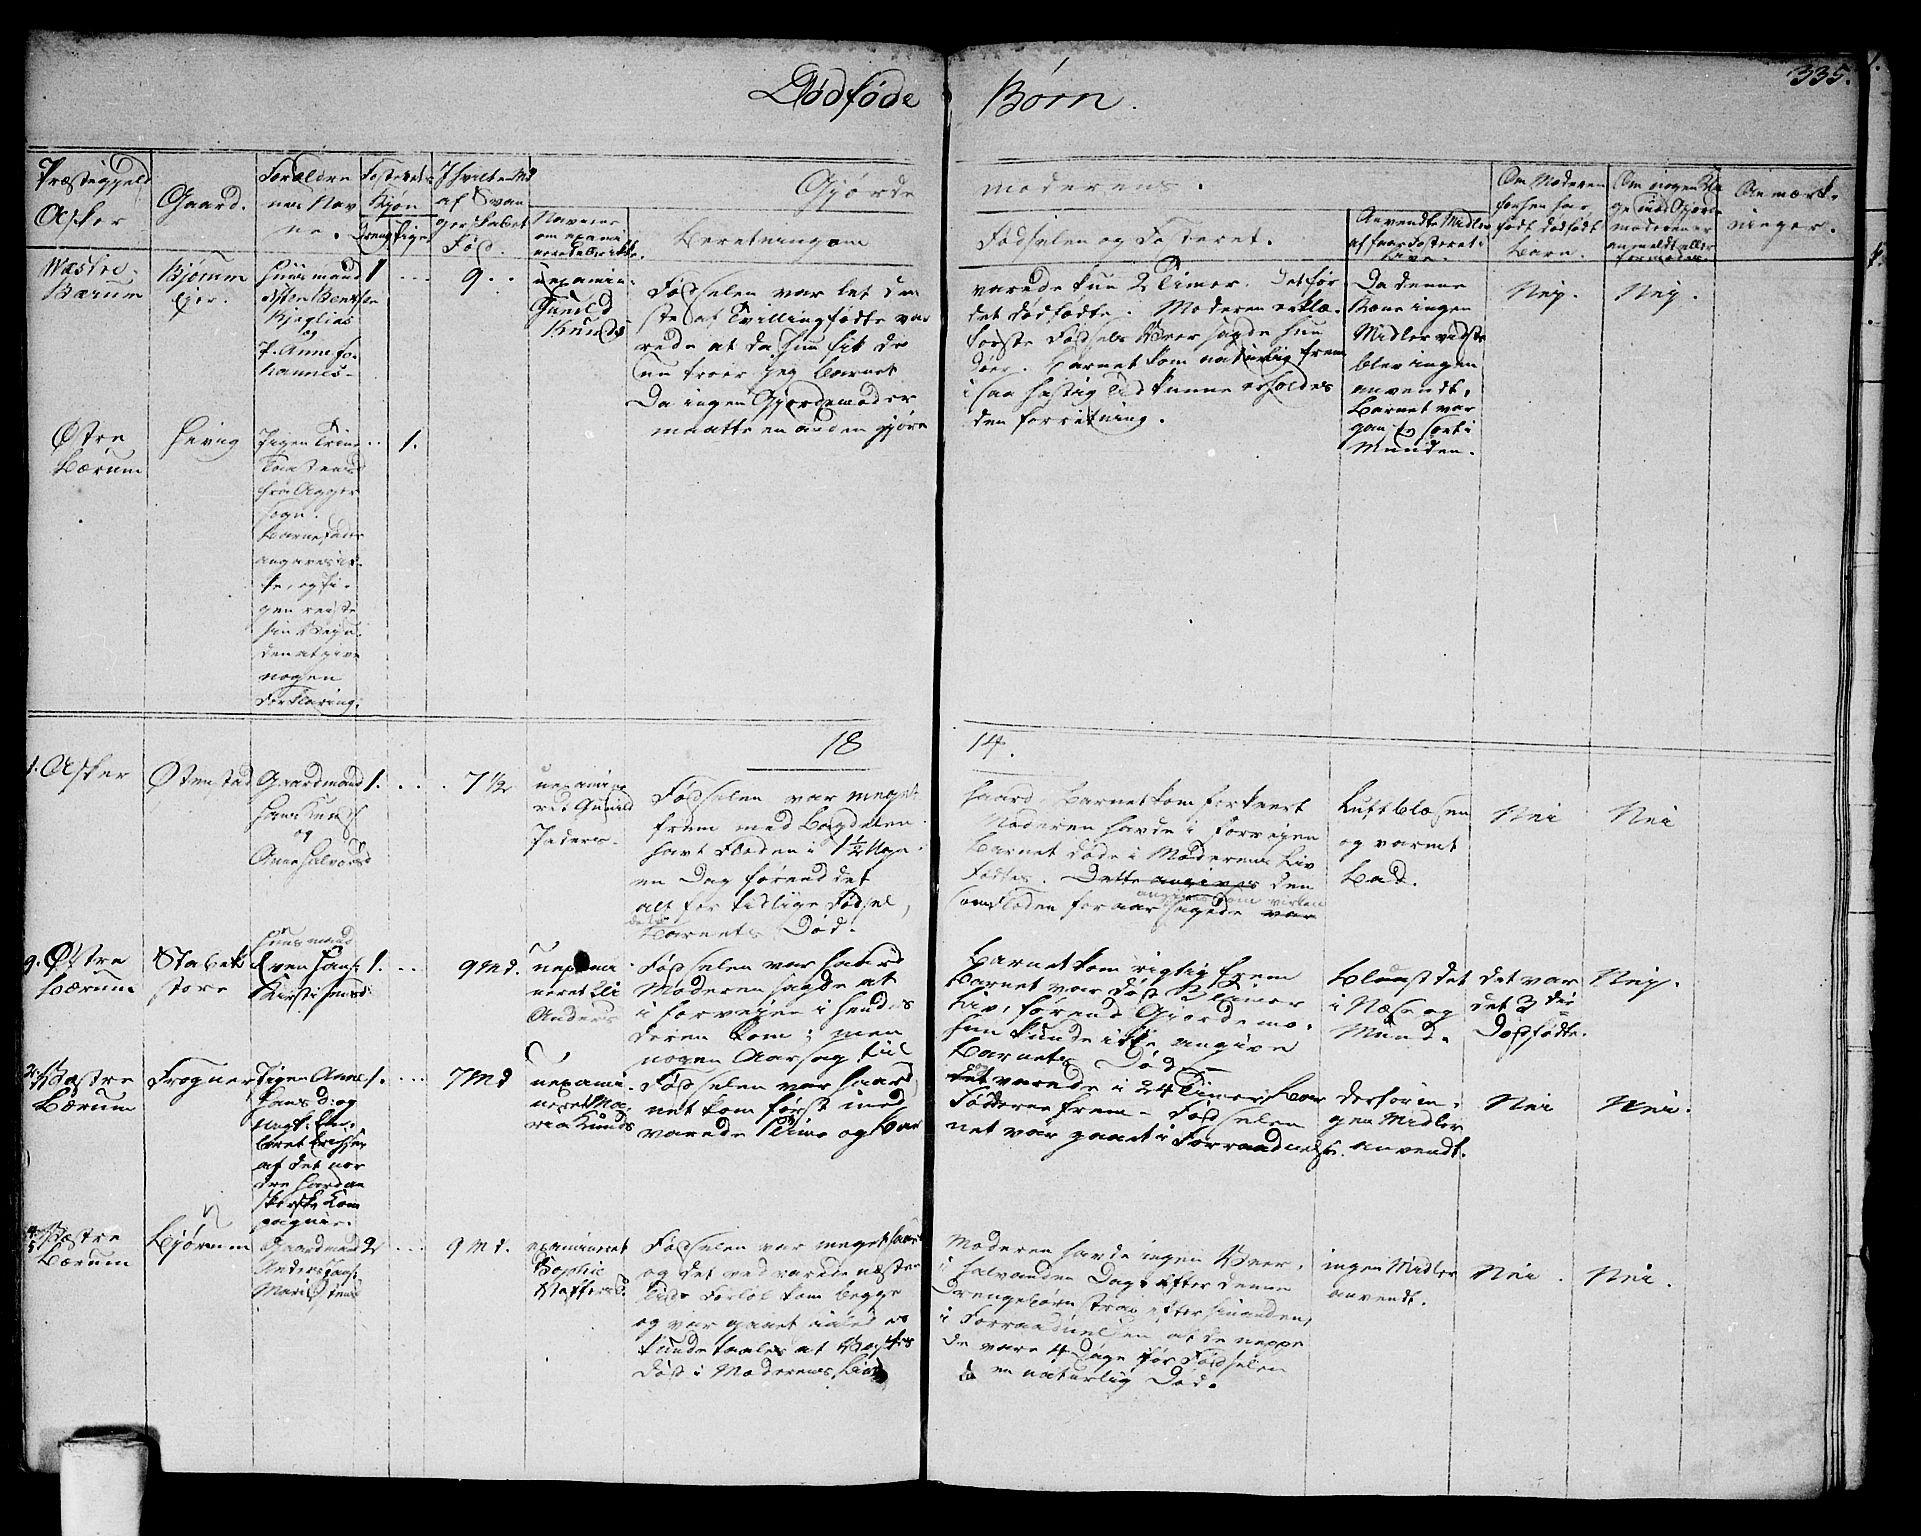 SAO, Asker prestekontor Kirkebøker, F/Fa/L0005: Ministerialbok nr. I 5, 1807-1813, s. 335